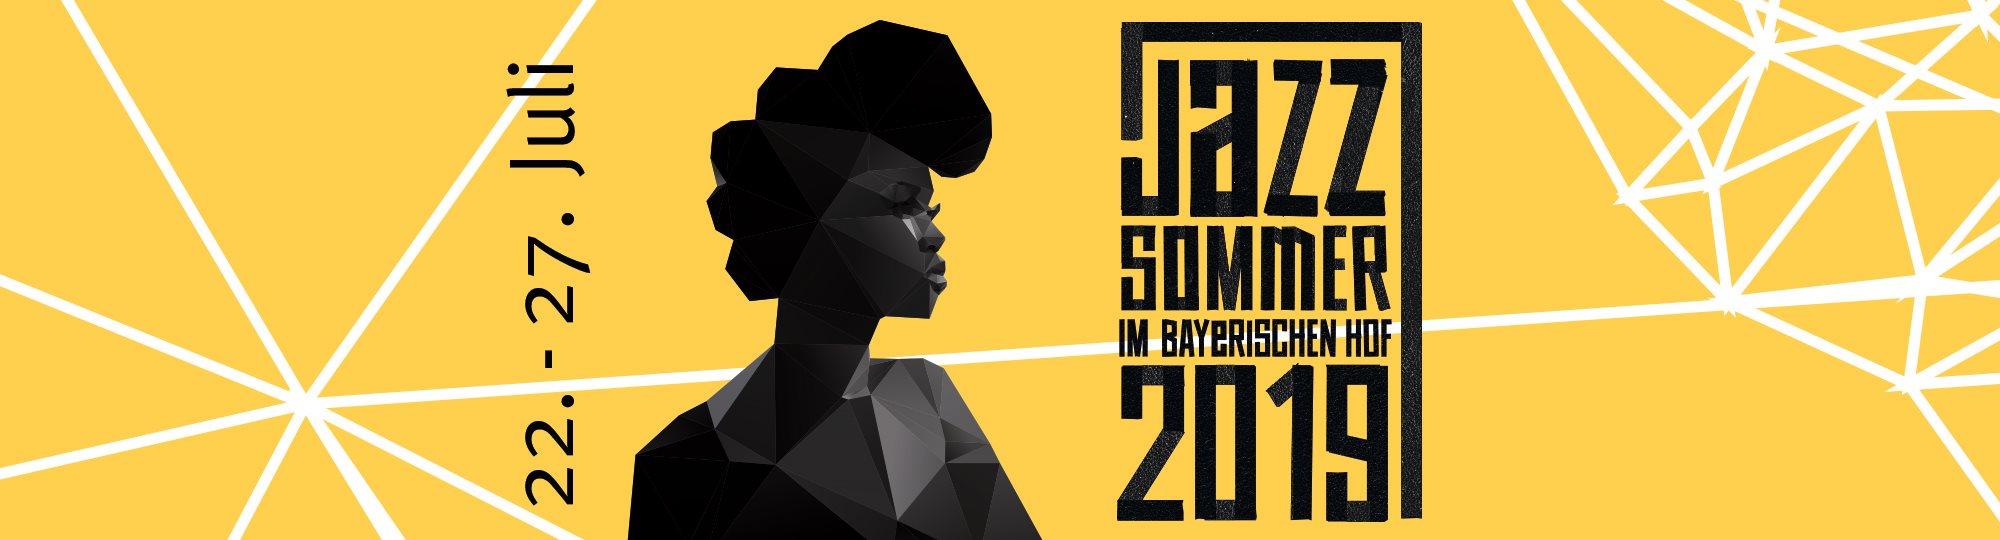 Jazz Sommer 2019 im Bayerischen Hof